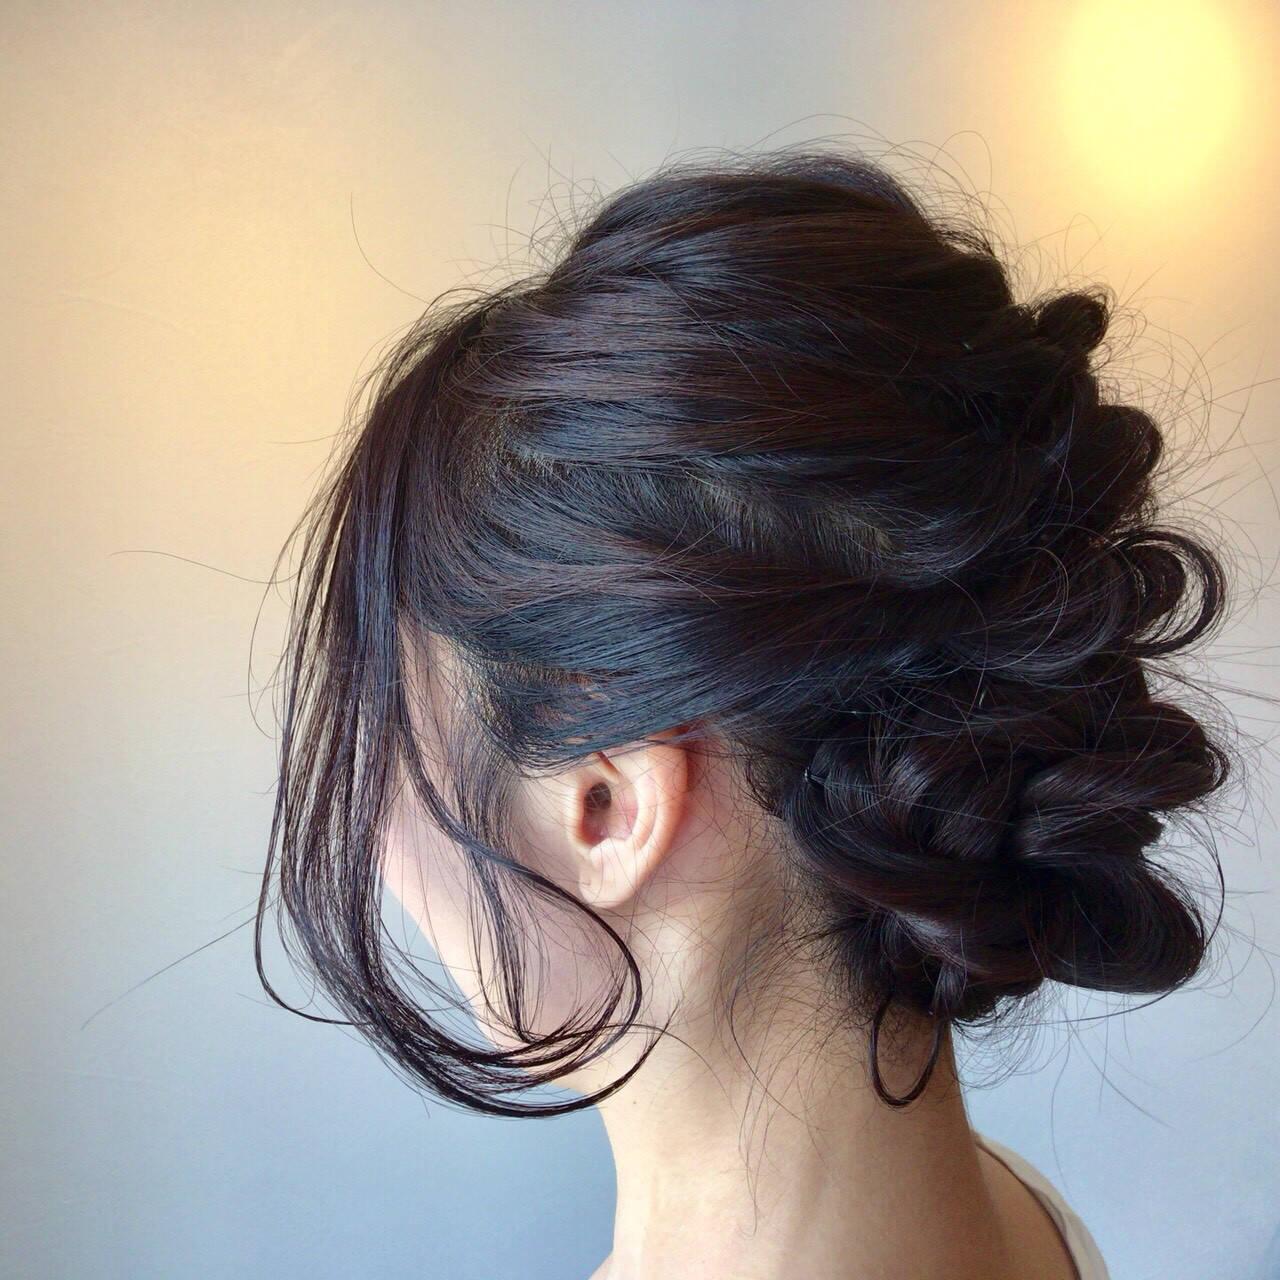 成人式 黒髪 簡単ヘアアレンジ フェミニンヘアスタイルや髪型の写真・画像